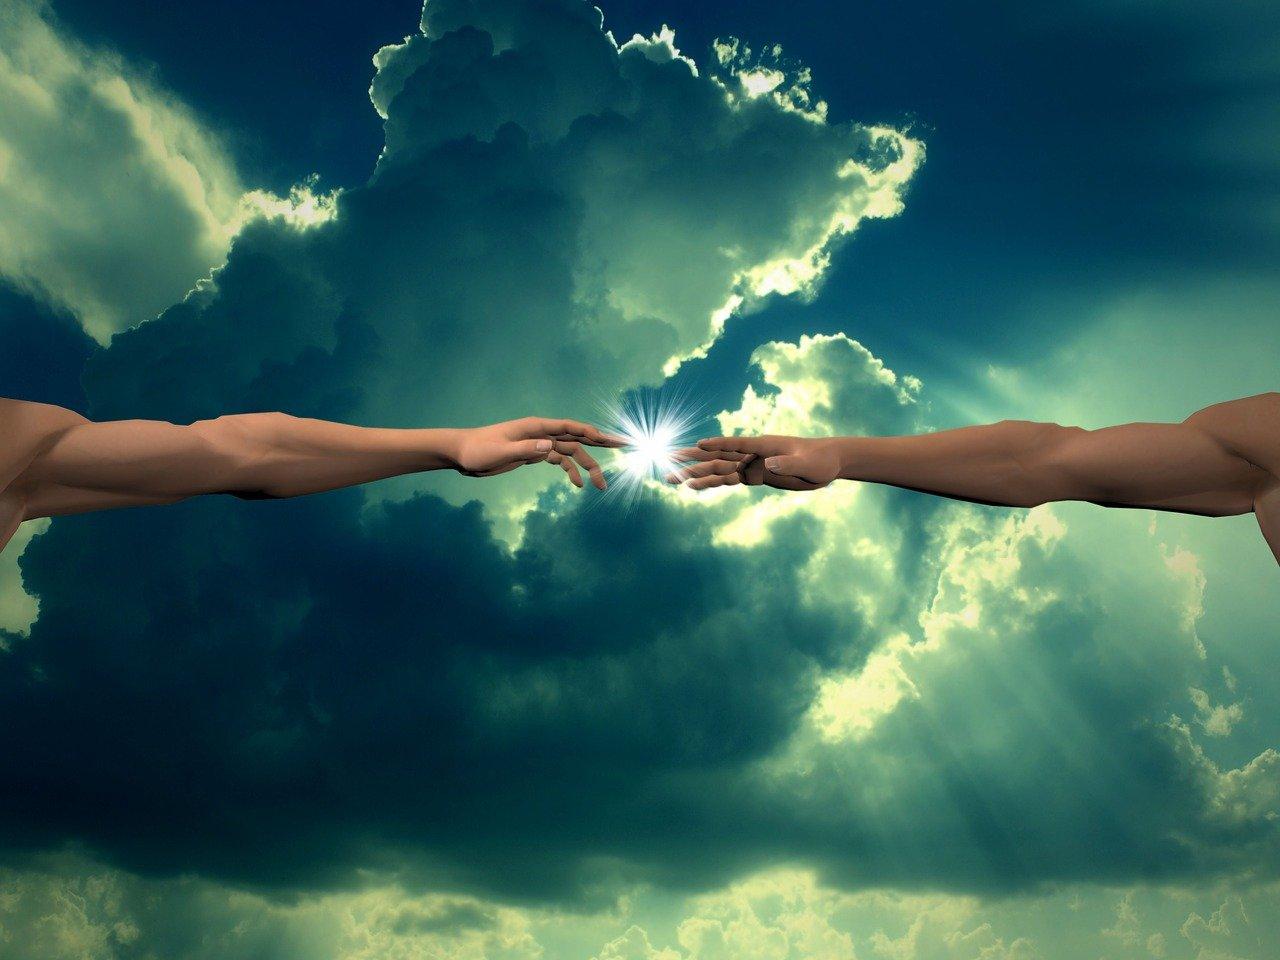 Creation God Finger Clouds - Free image on Pixabay